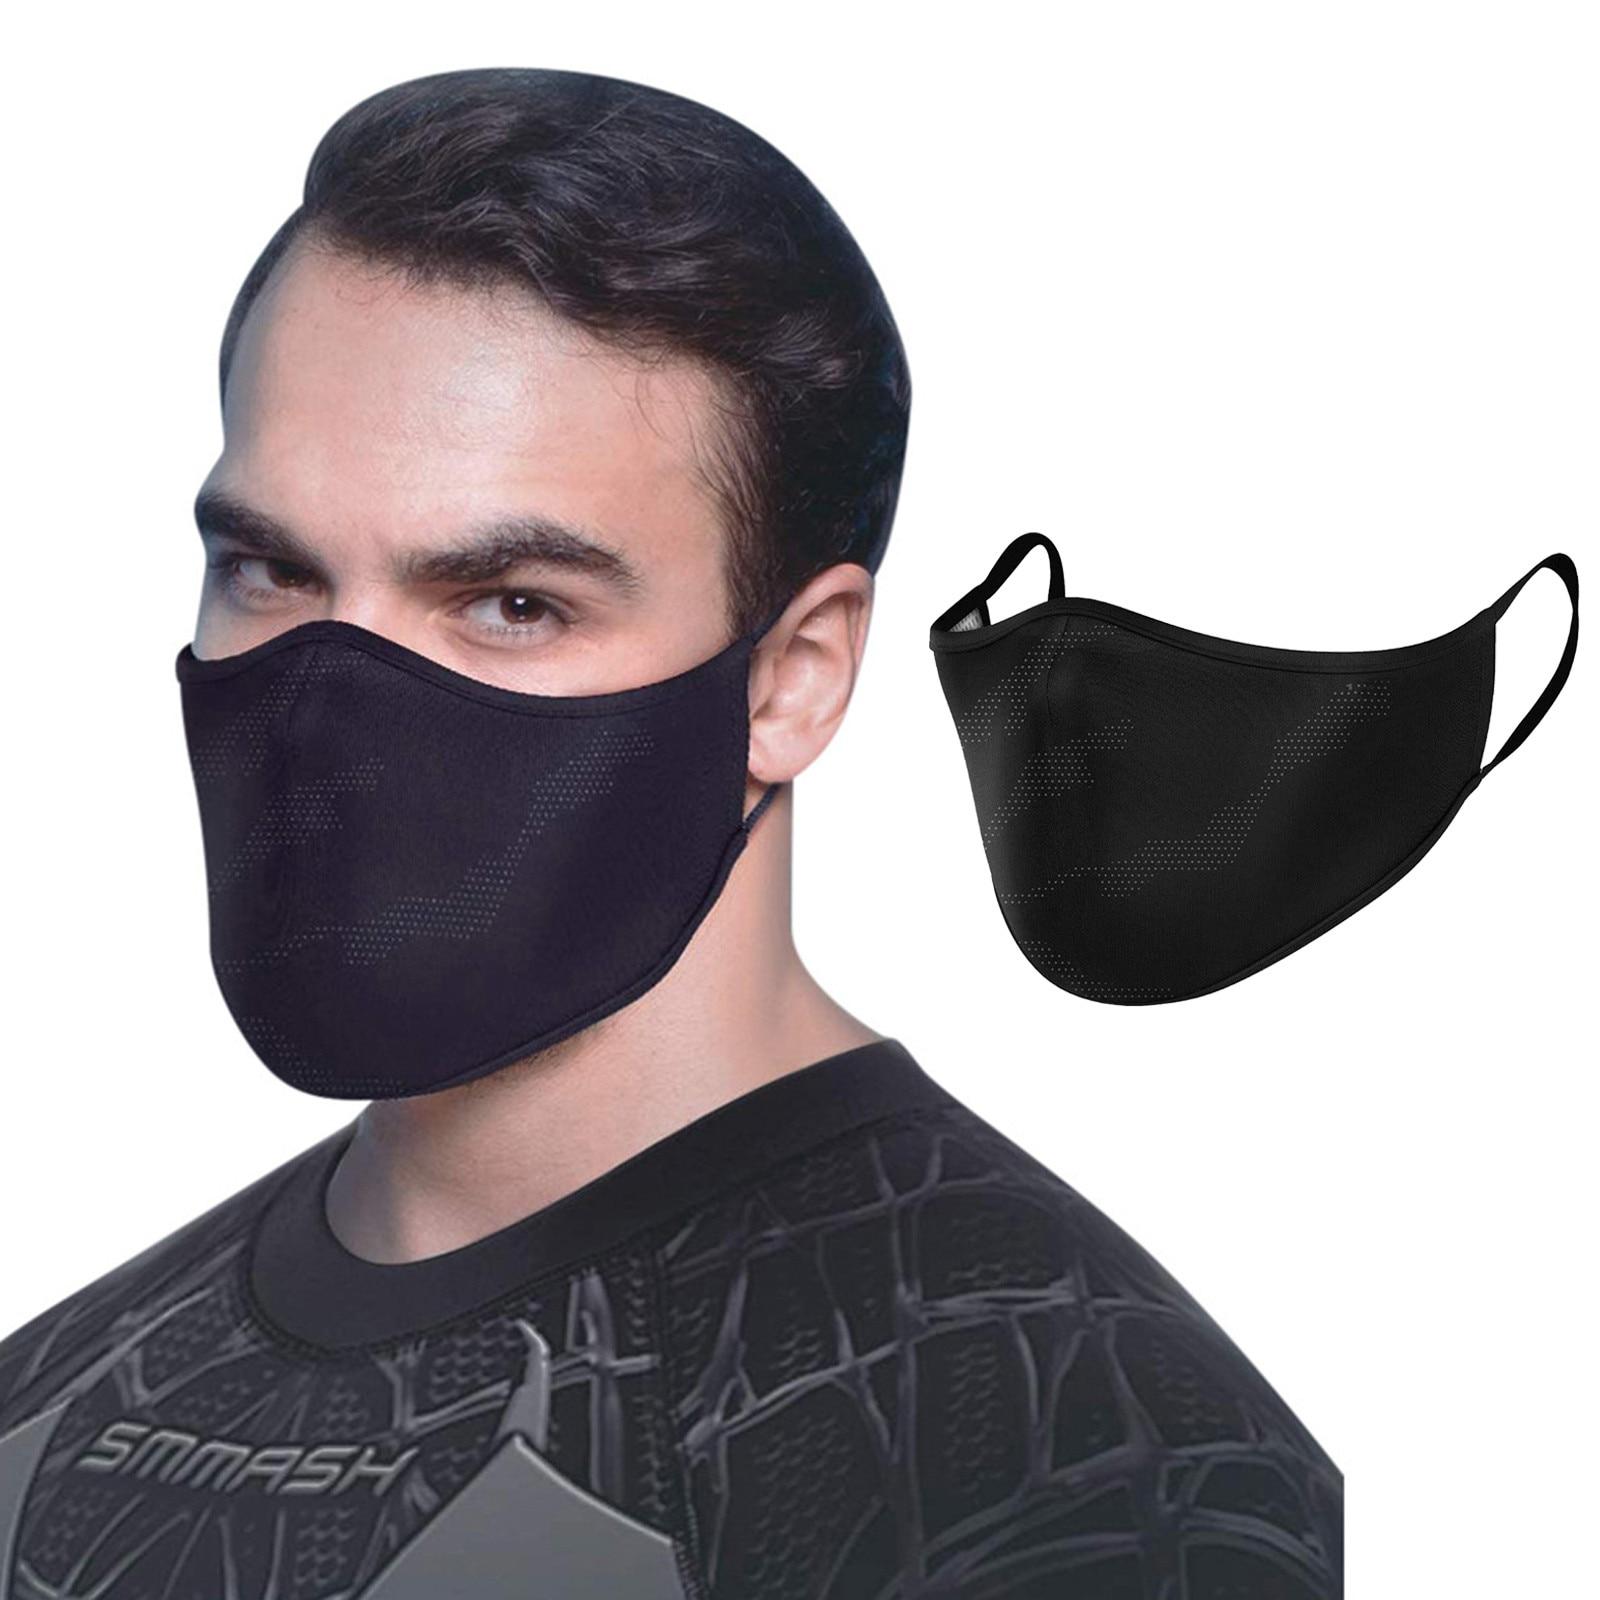 Маска Защитная многоразовая моющаяся для мужчин и взрослых, тканевый колпачок на лицо, Черная